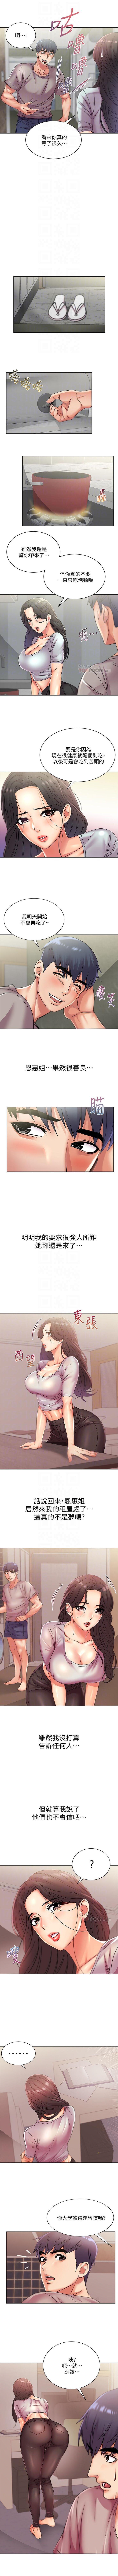 超市的漂亮姐姐 1-27 官方中文(連載中) 128